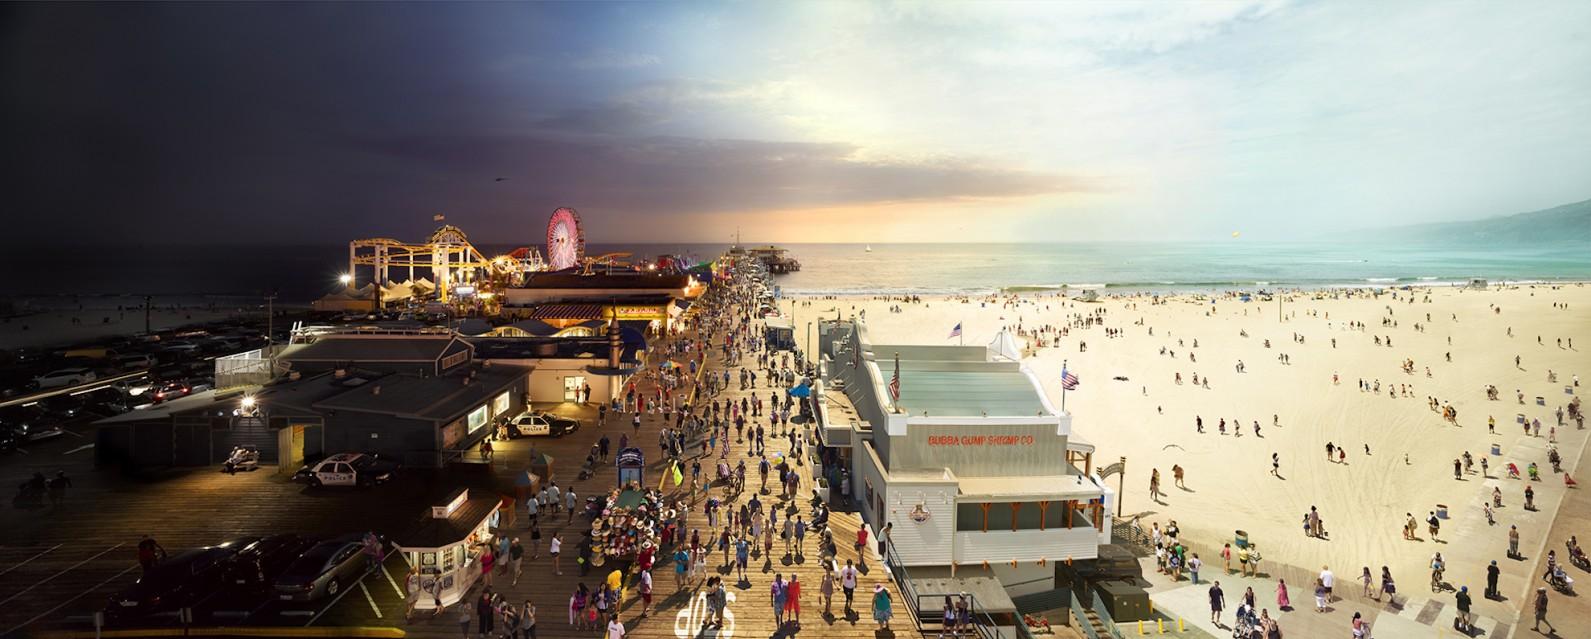 Santa Monica Pier, LA - Stephen WILKES